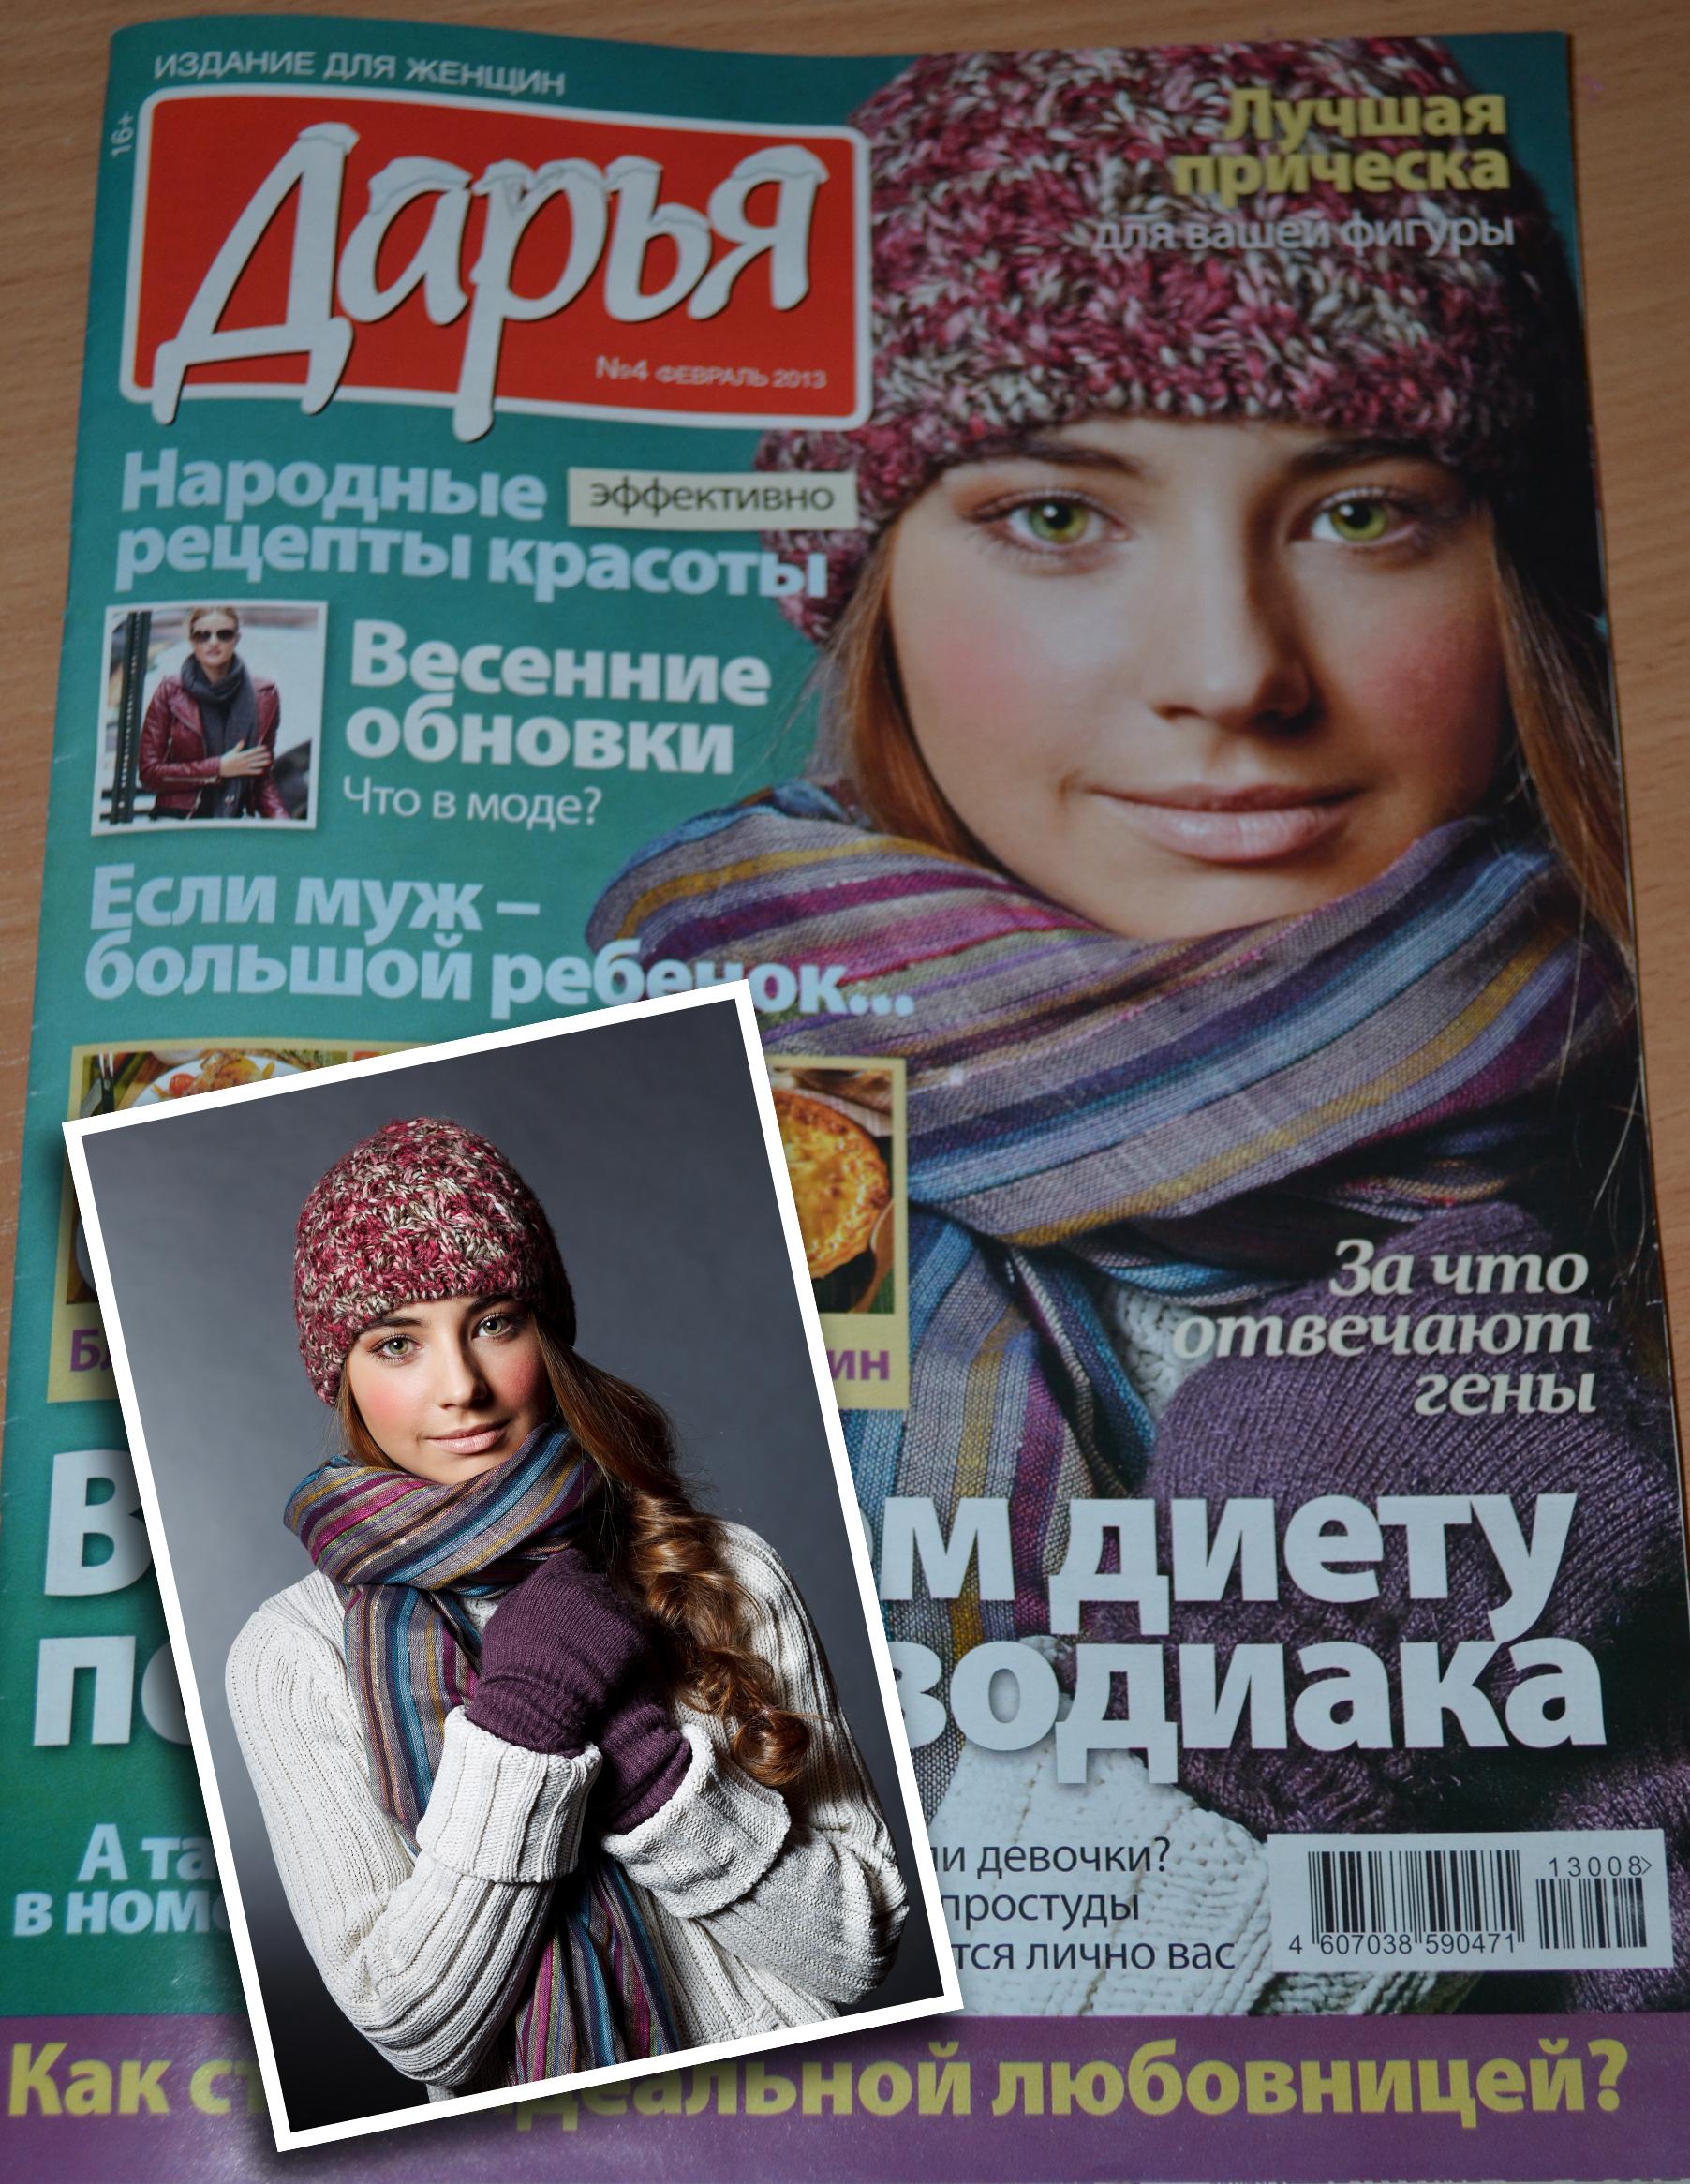 Фотография, сделанная для фотобанков, использована в журнале Дарья